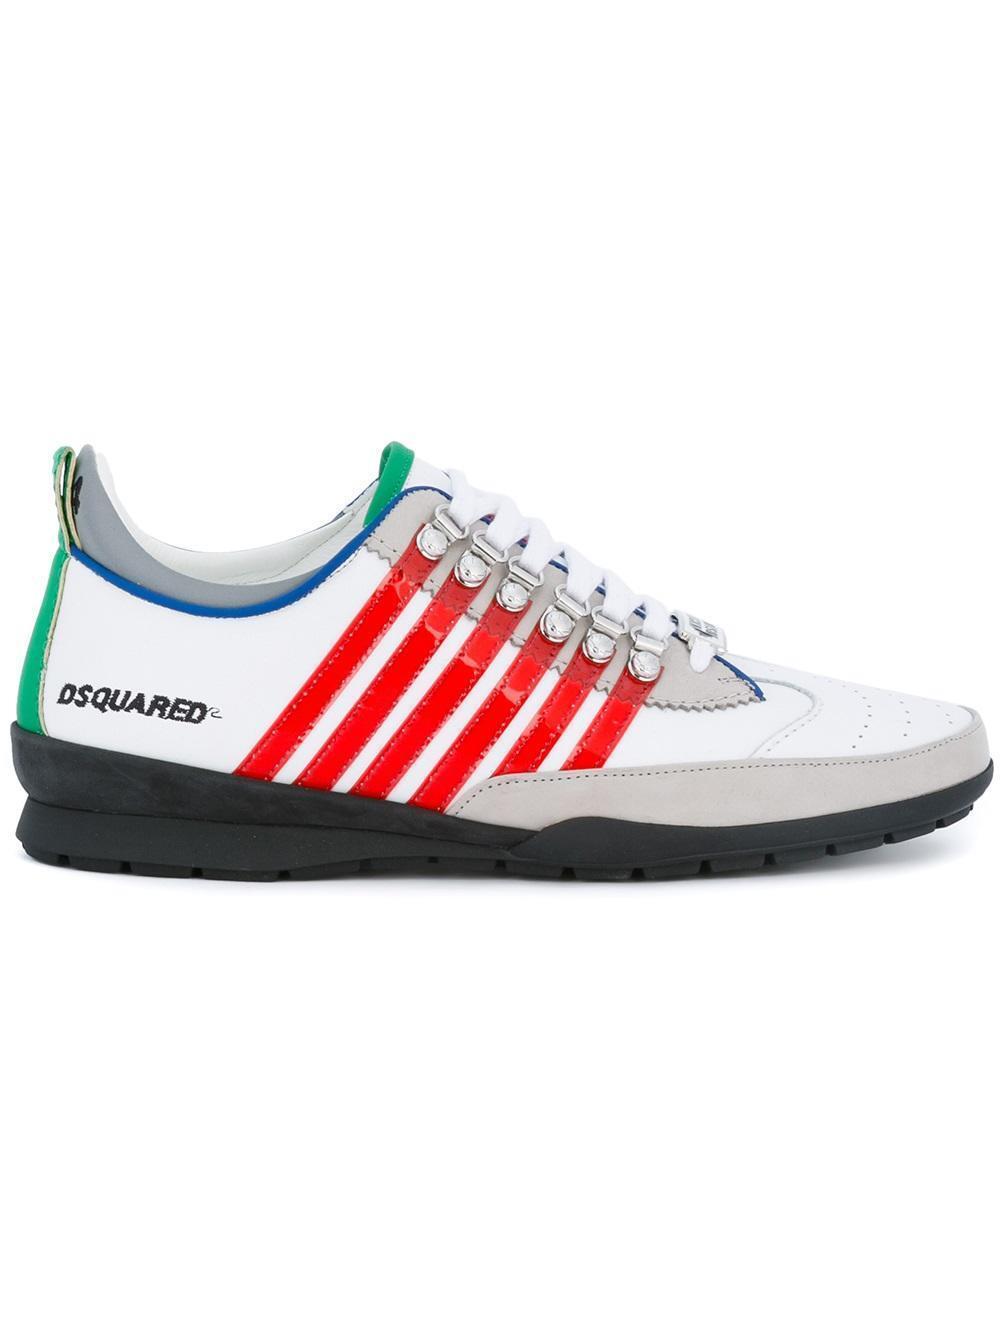 DSQUARED² BASKETS 251 Men'S HOMME Chaussures pour 100%AUT